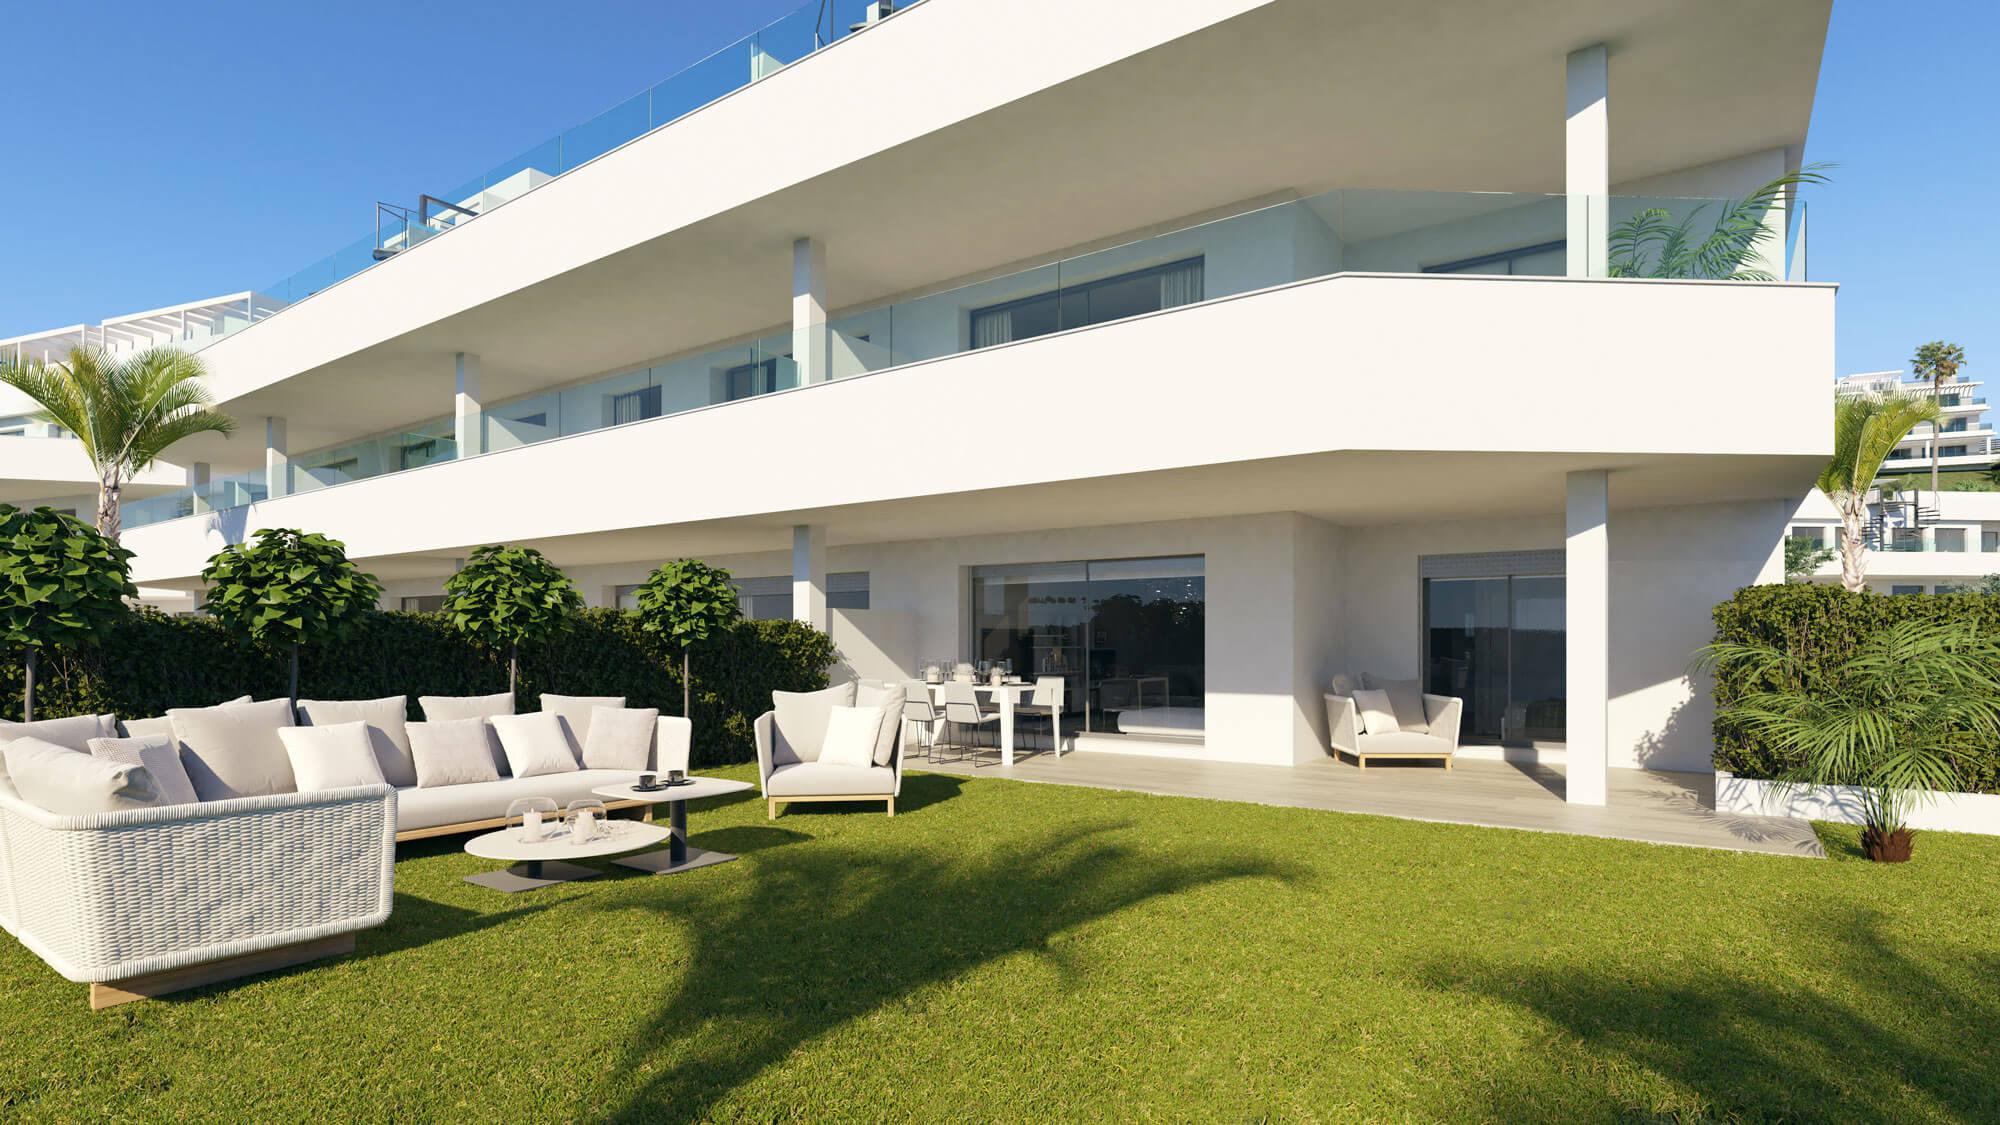 oceana gardens new golden mile estepona cancelada nieuwbouw appartement te koop wandelafstand zeezicht golf goedkoop tuin